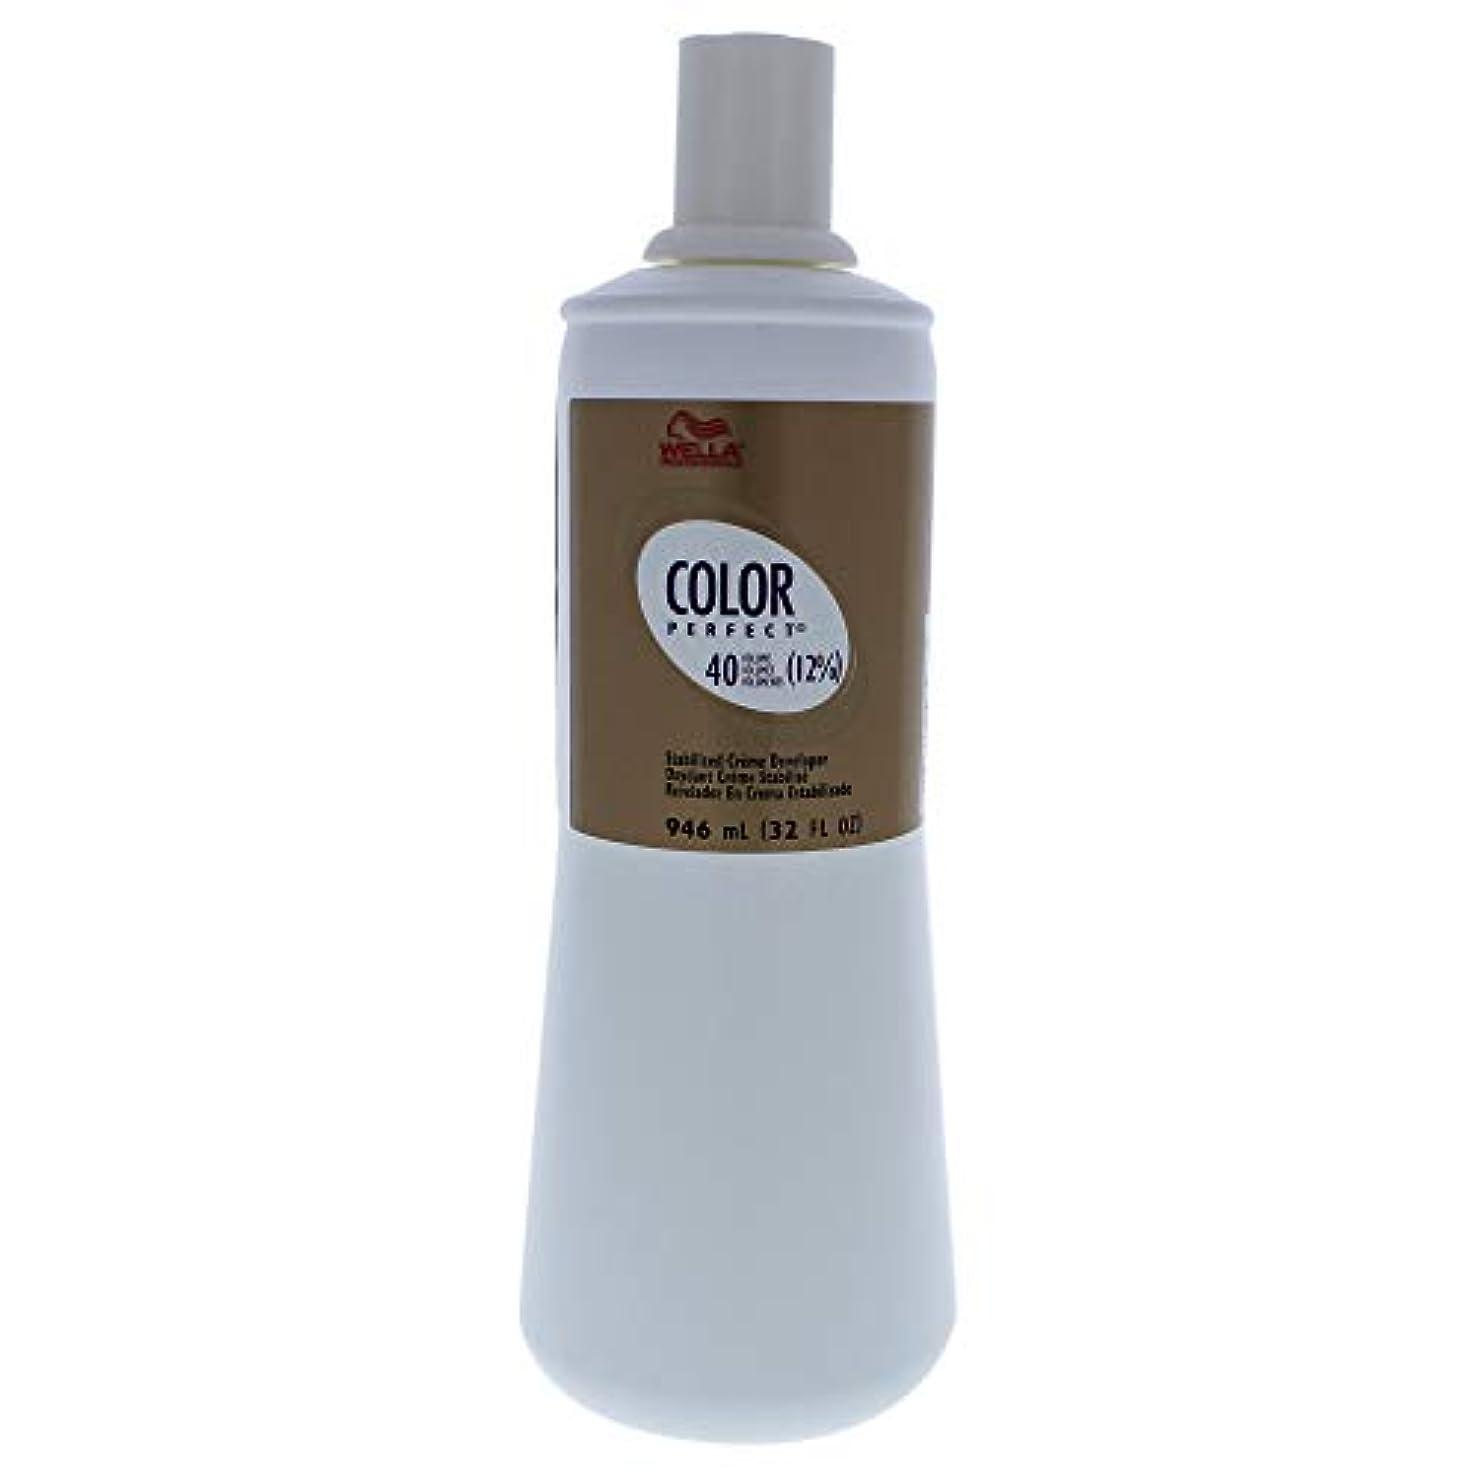 警報ボット増強するColor Perfect Stabilized Cream Developer 12 Percent 40 Vol